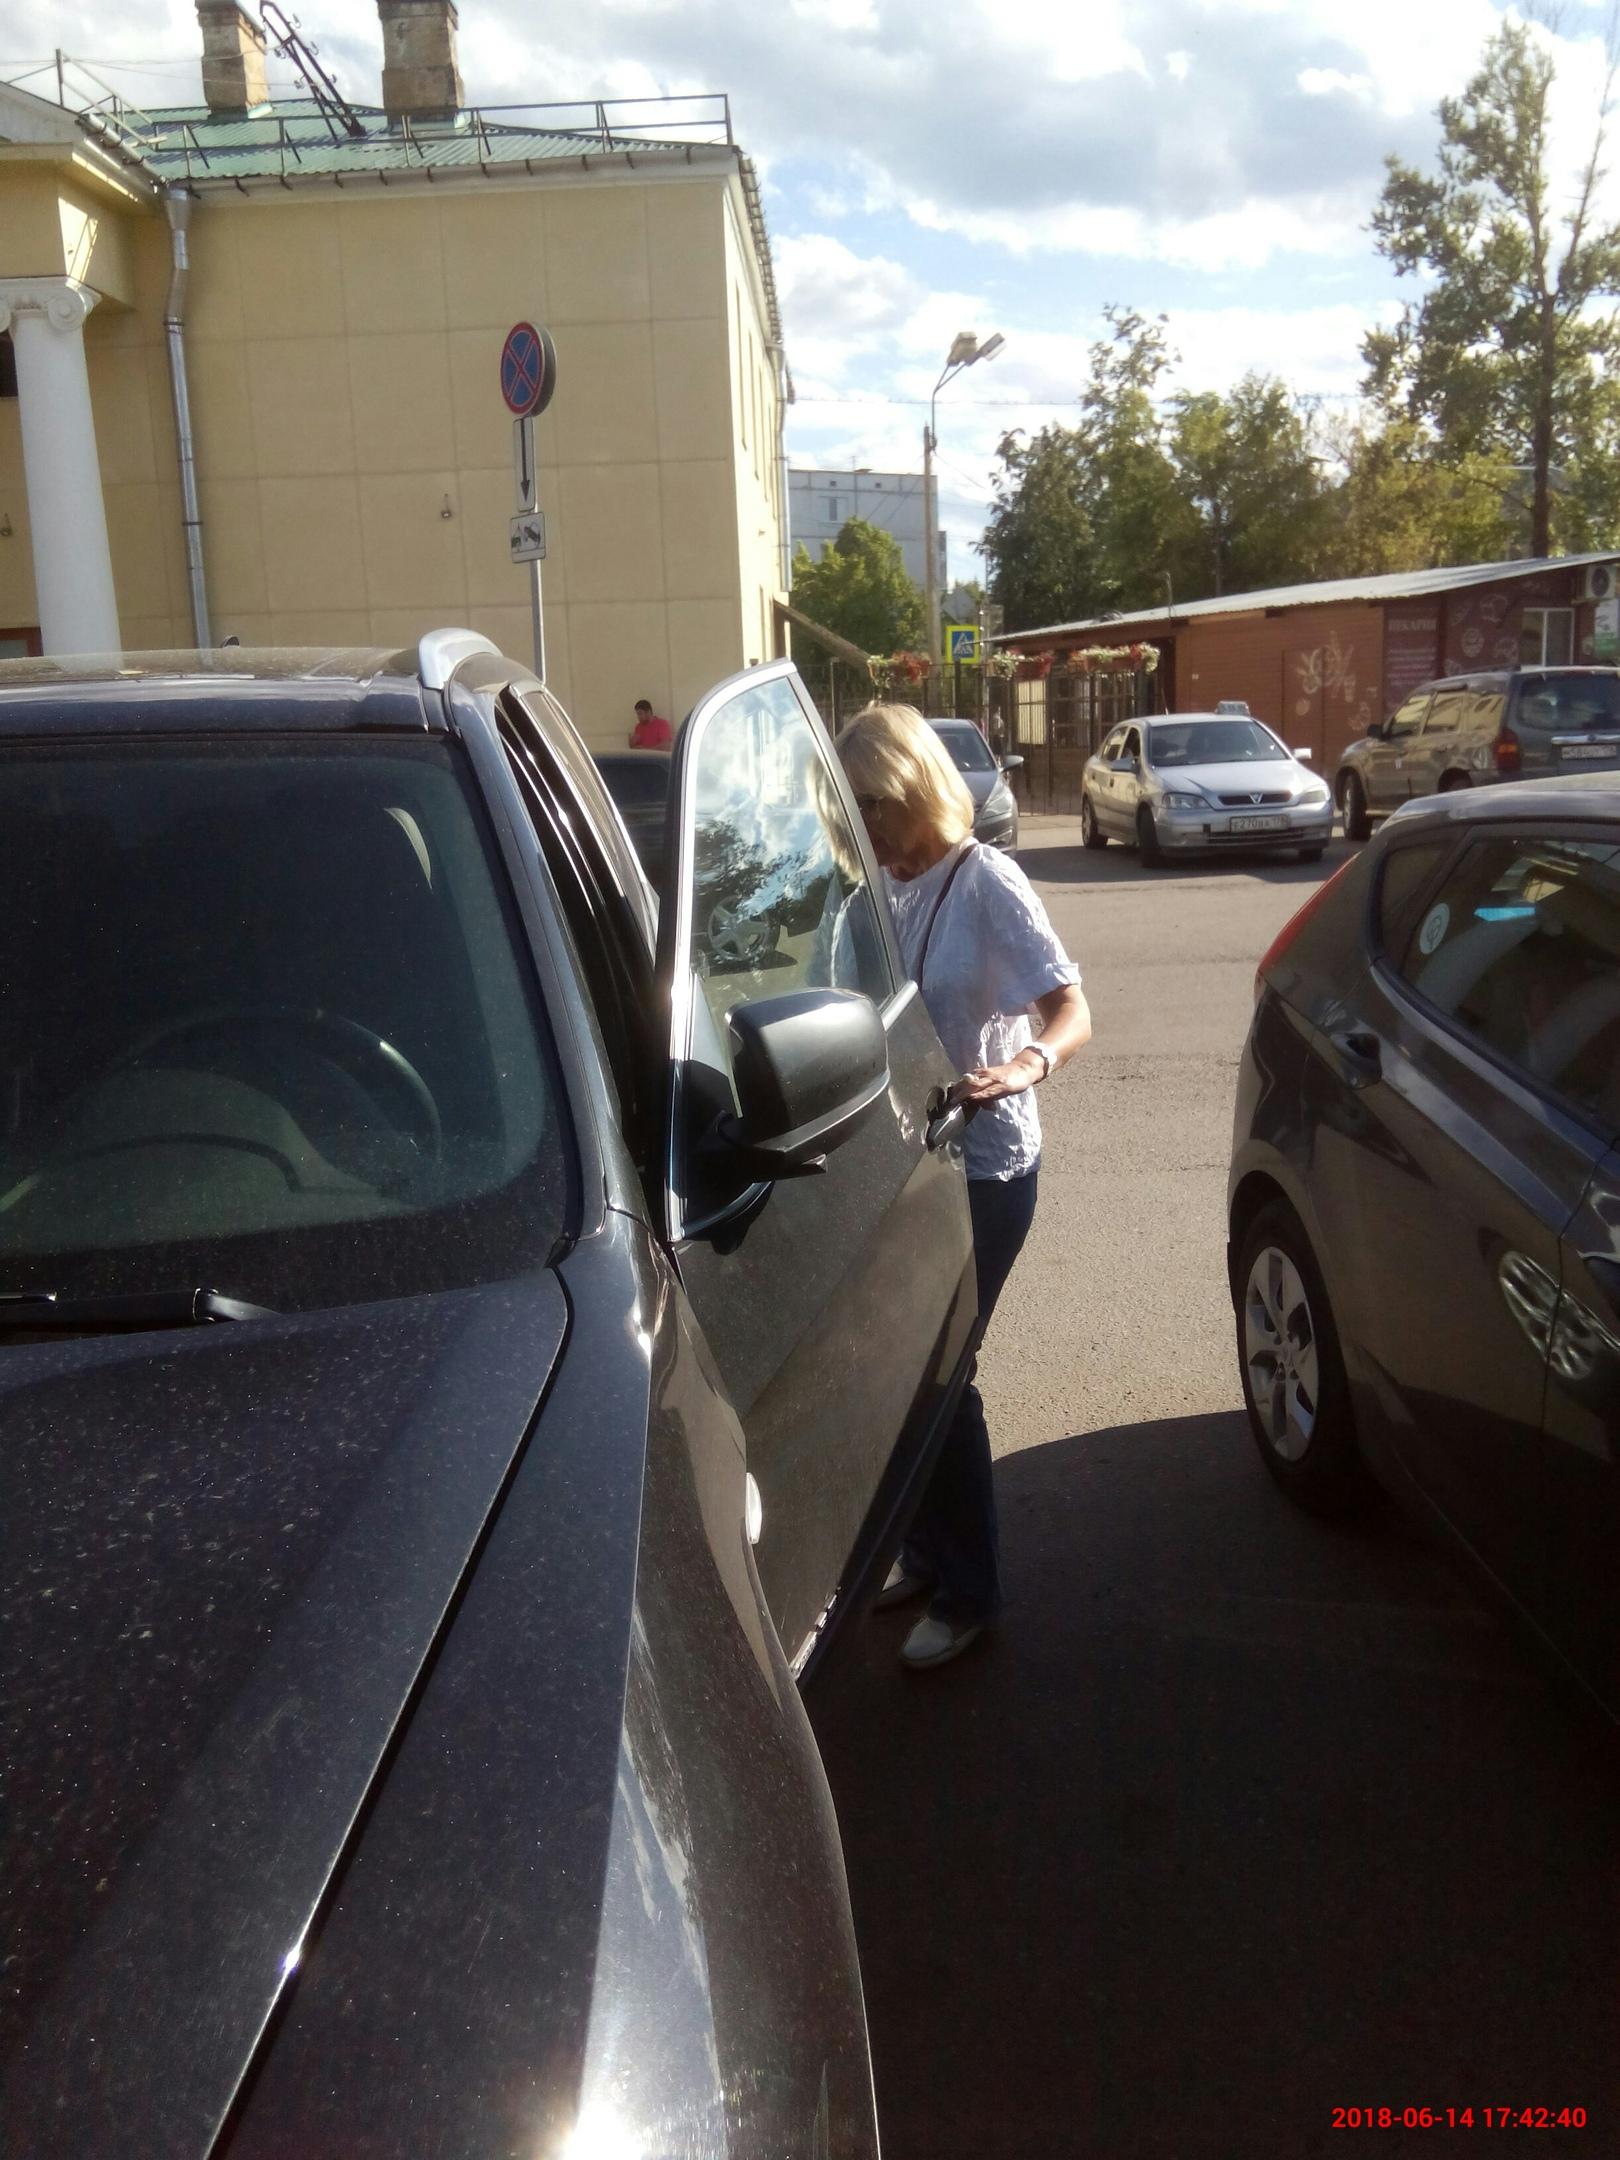 Блондинка грозится вызвать полицию ( ! ) , в ответ на моё замечание , что она поставила свой автомобиль на парковку для инвалидов и при этом оскорбляла , называя больным. Да , я болен и тяжело . Счастья вам , люди.)))